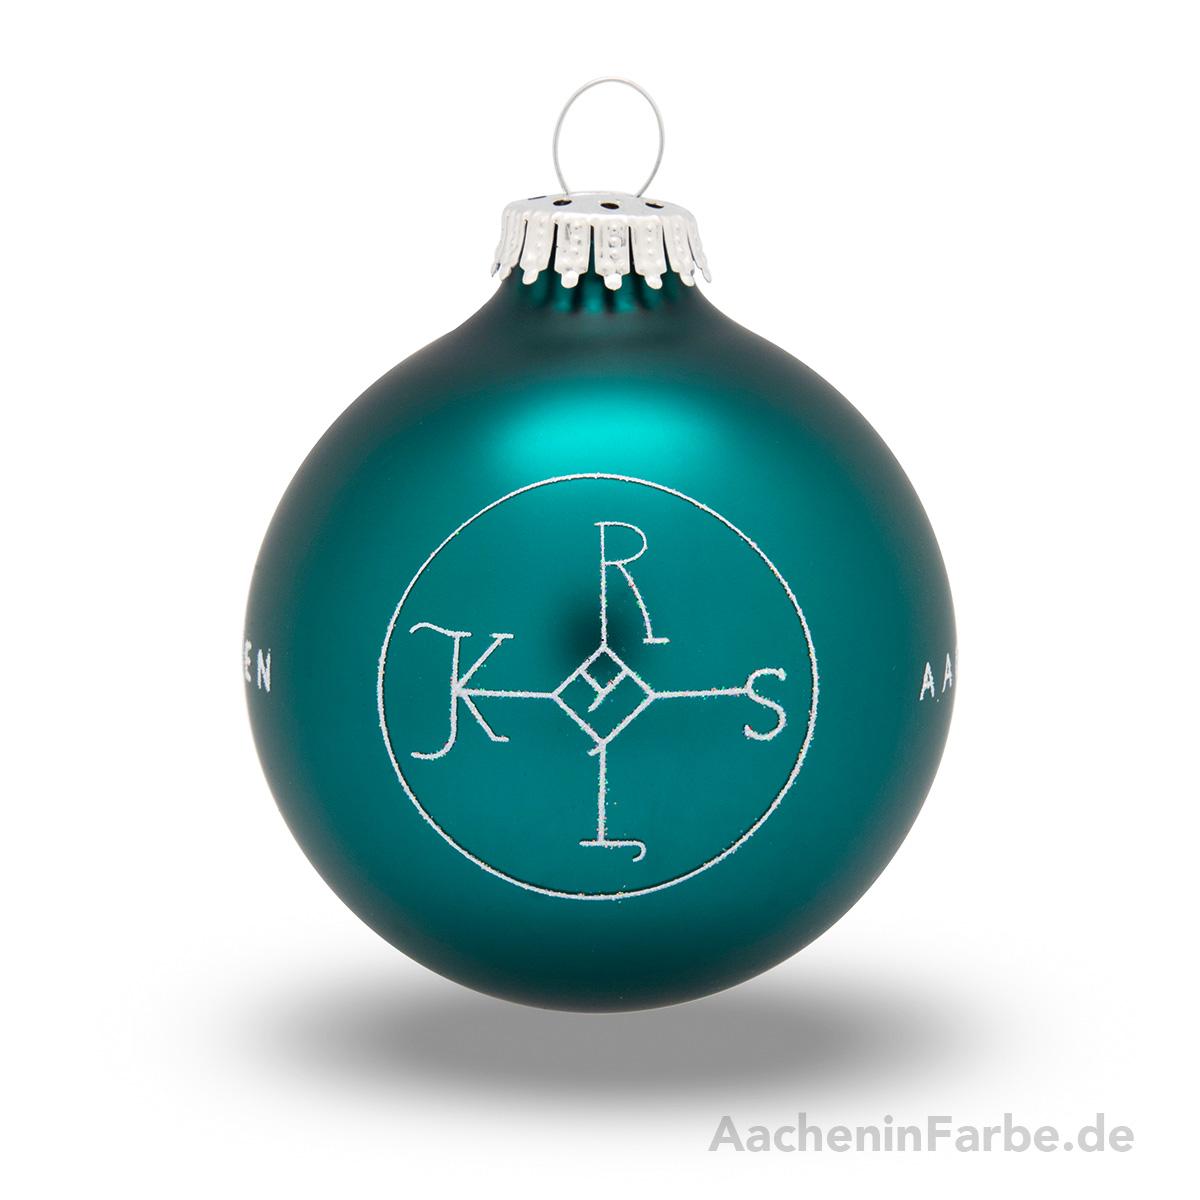 """Christbaumkugel """"Aachen Karlssiegel"""", petrol"""